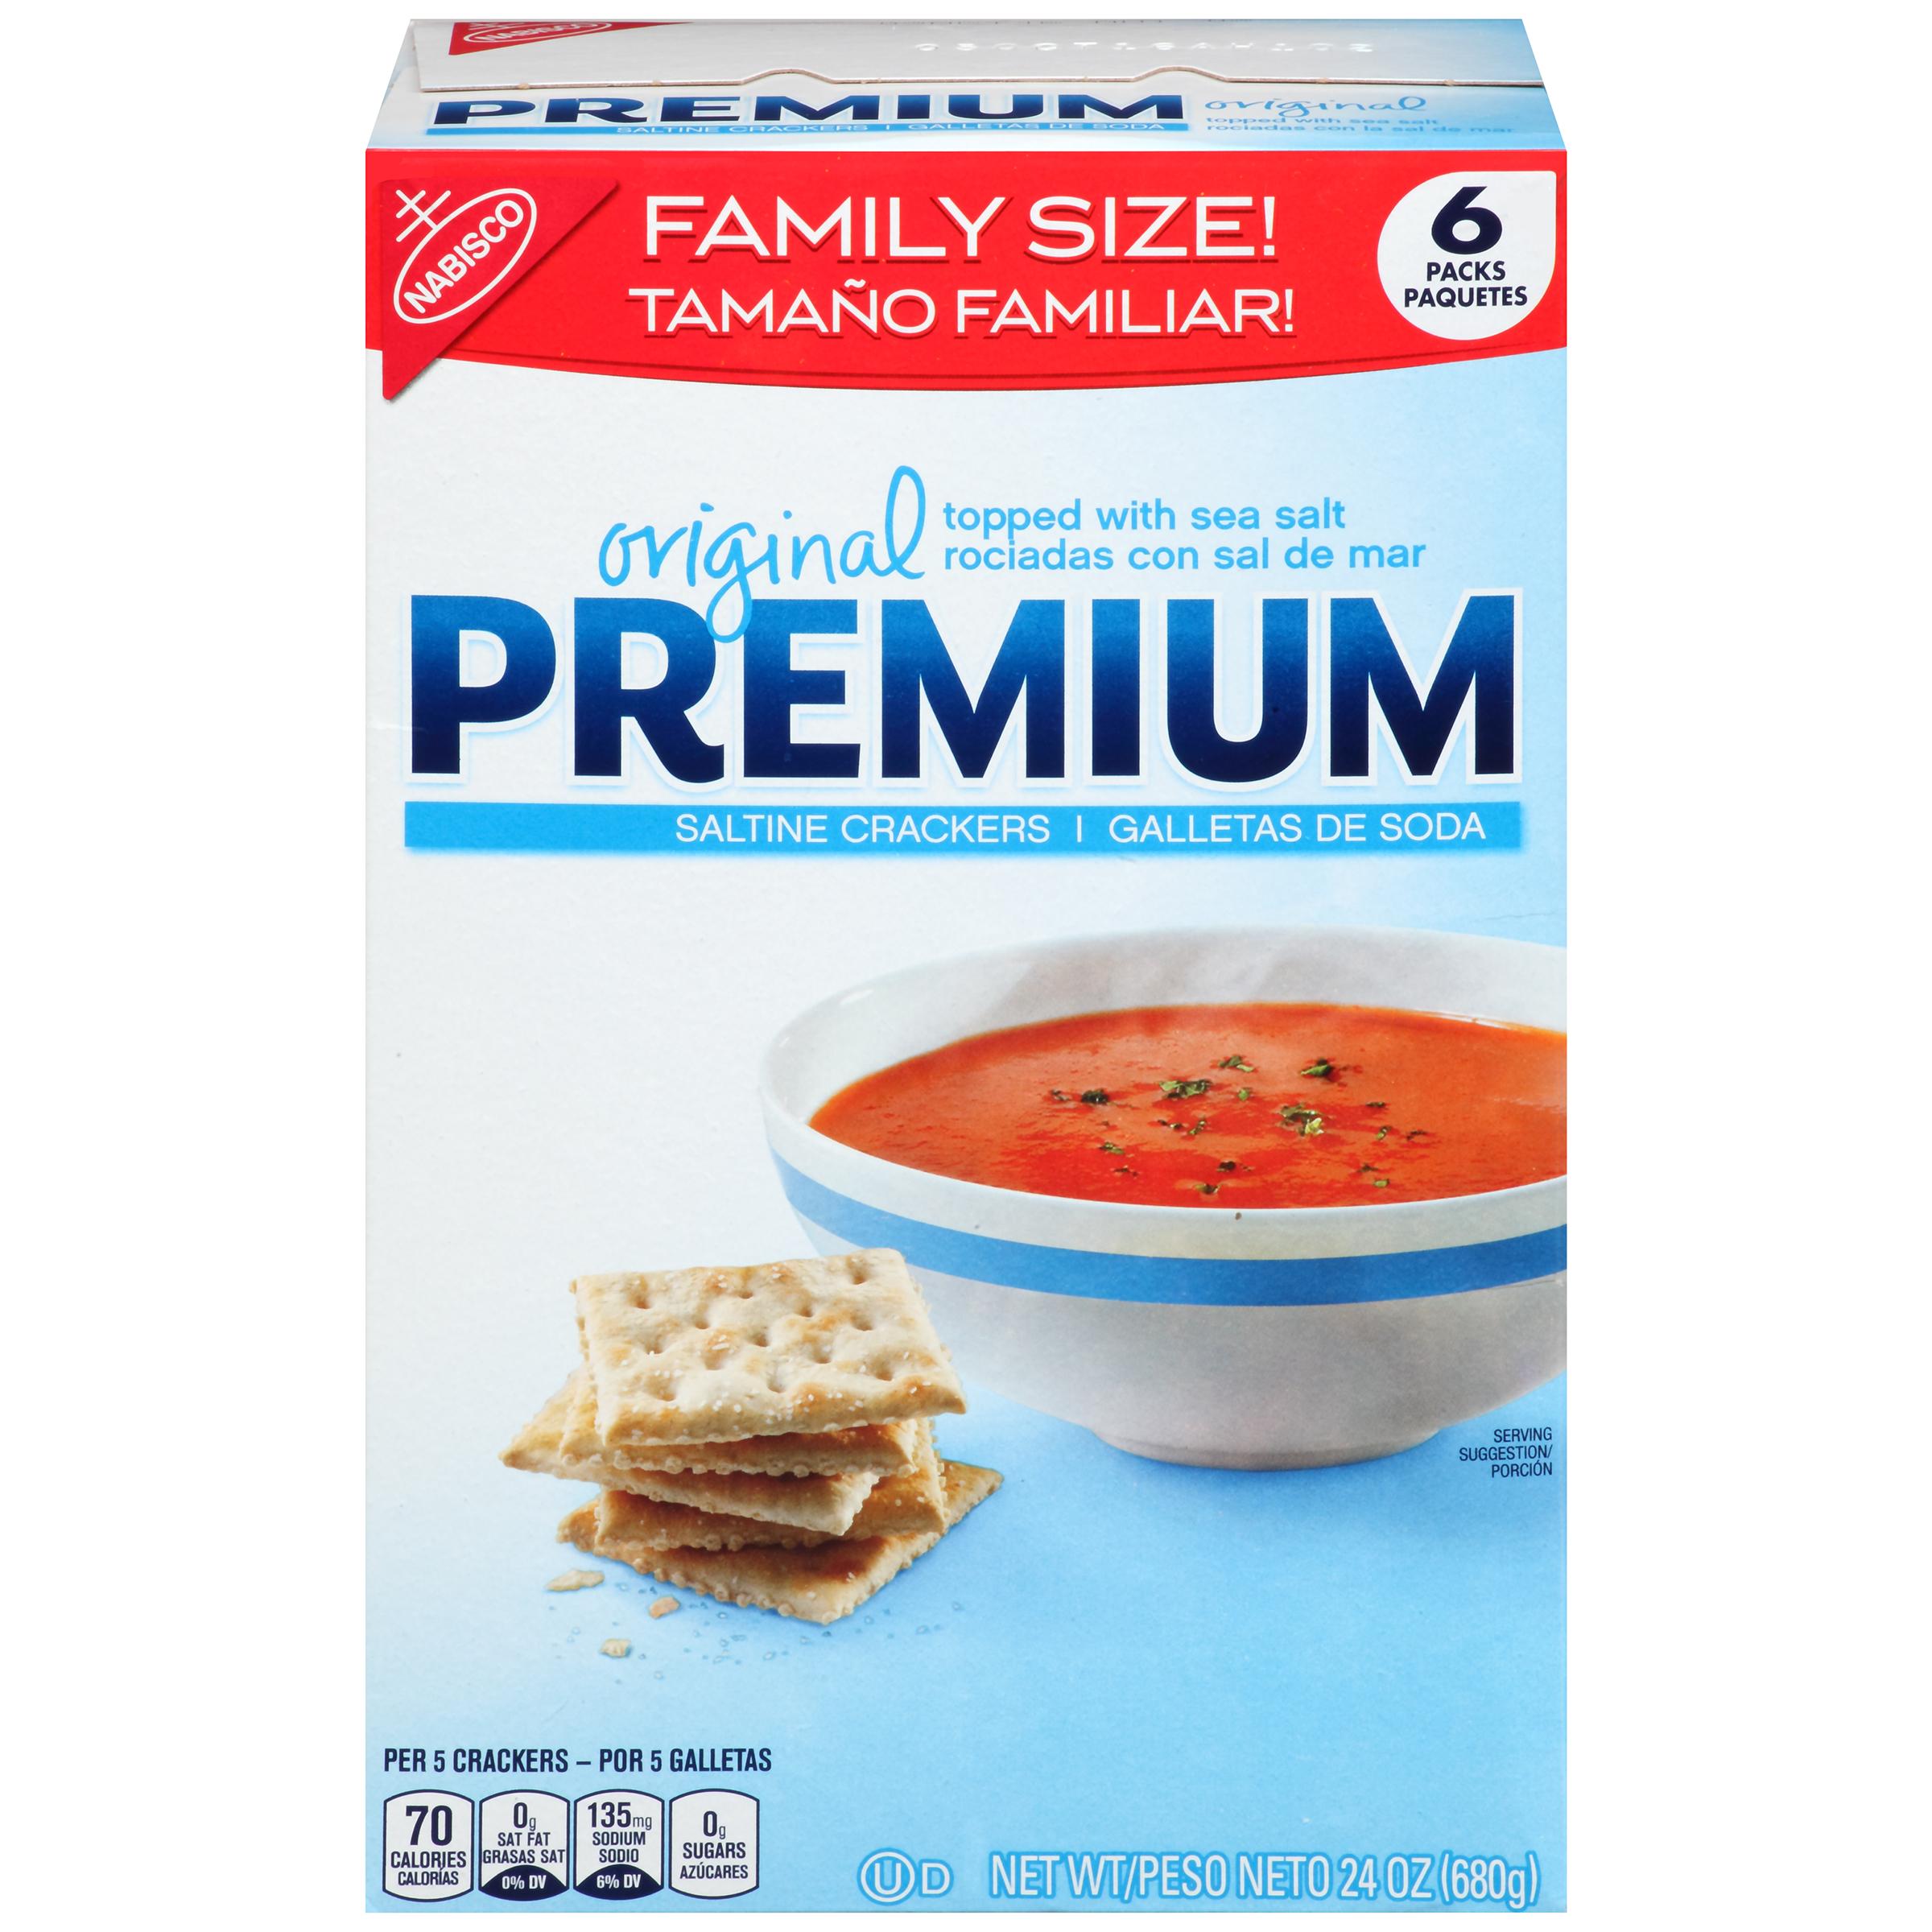 PREMIUM Saltines Crackers 24 oz